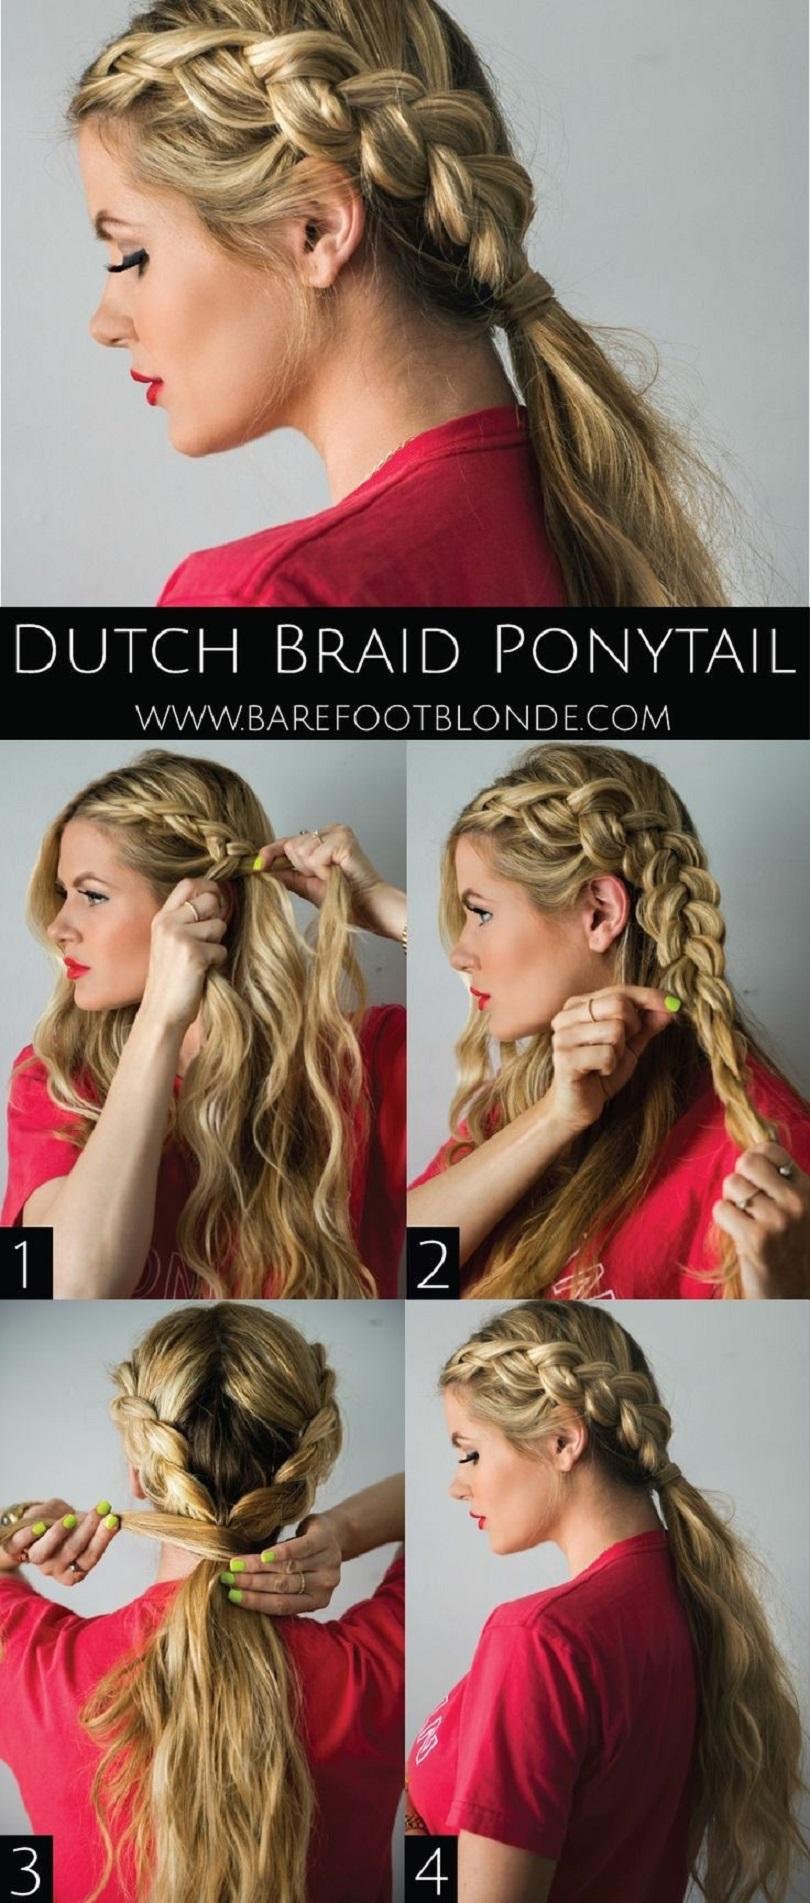 Dutch braid into a low pony